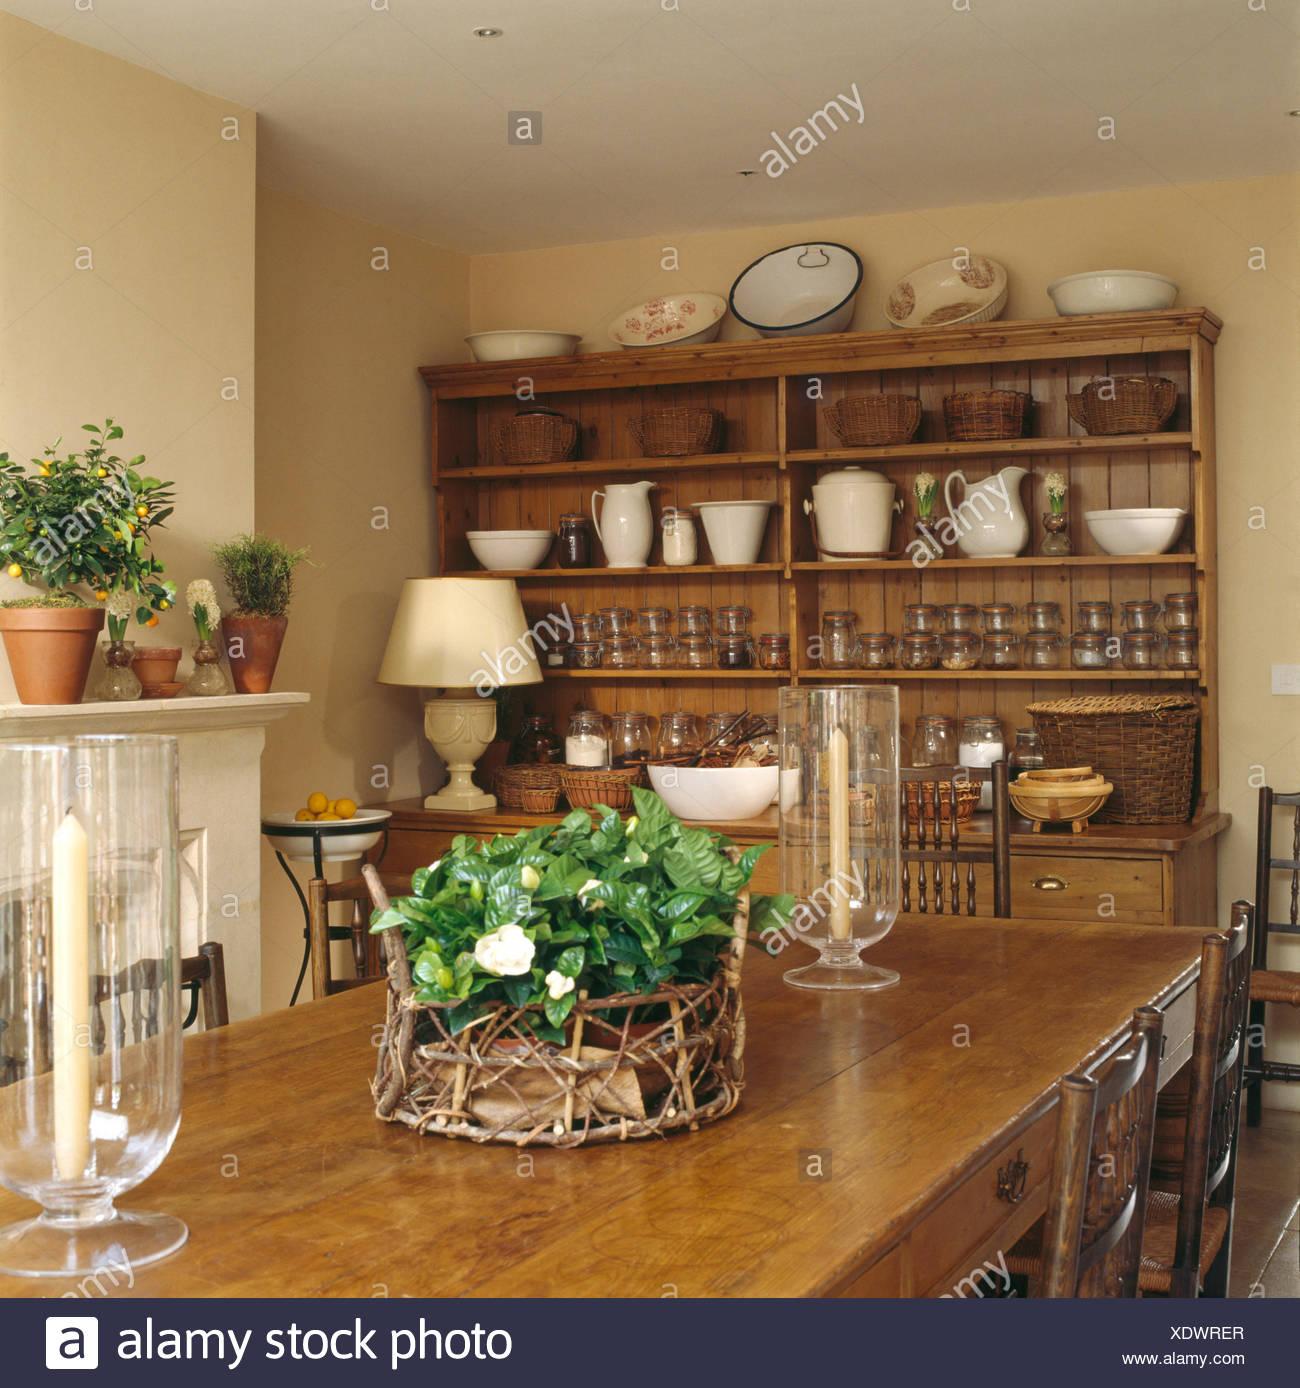 Tavoli Da Pranzo Grandi Dimensioni.Lanterne Di Vetro E Gardenia In Un Cestino Sul Tavolo In Una